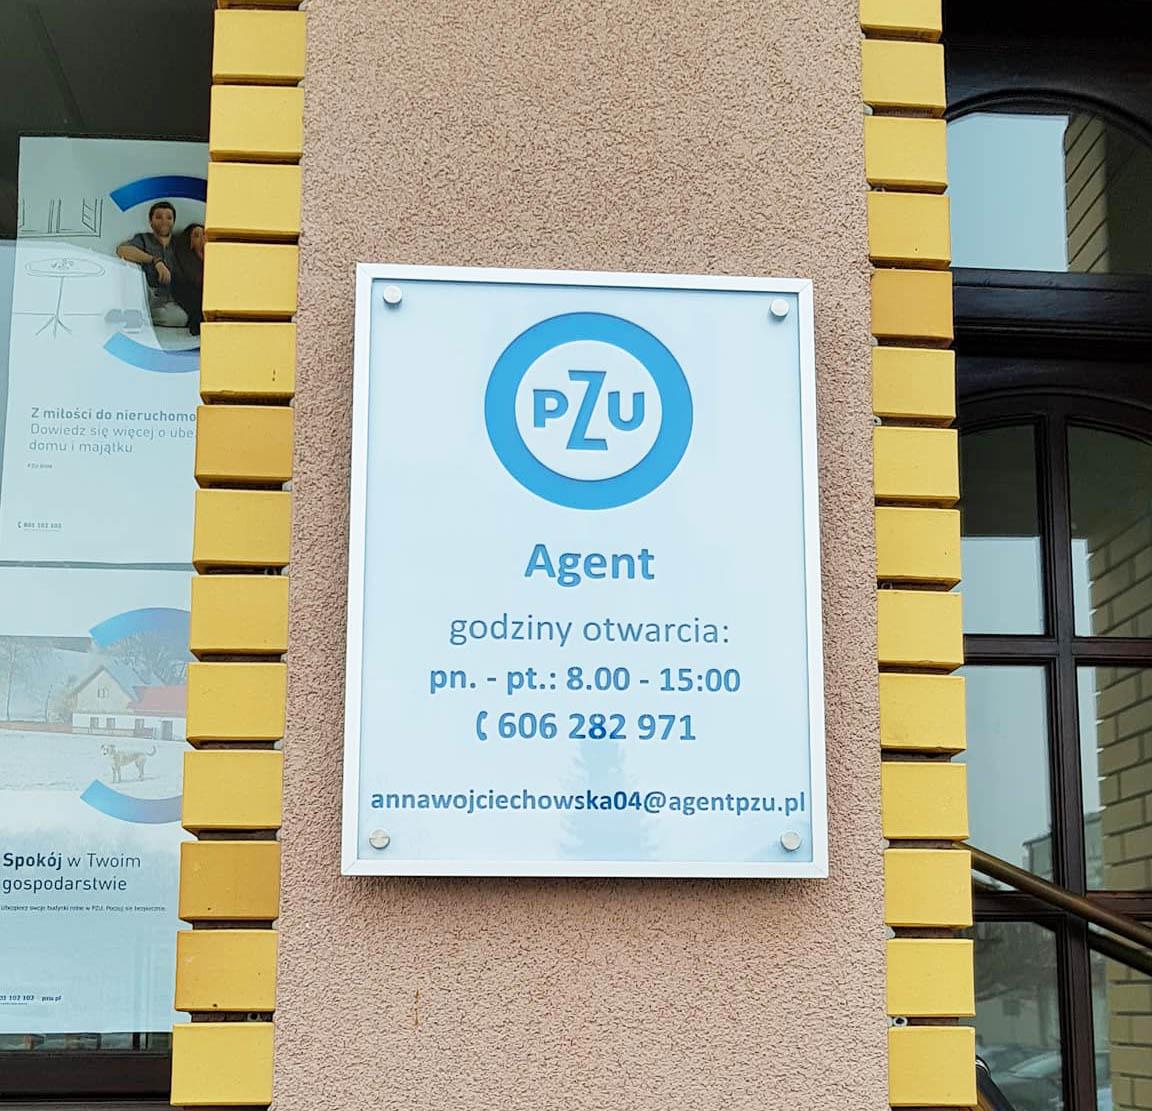 tabliczka informacyjna z godzinami otwarcia